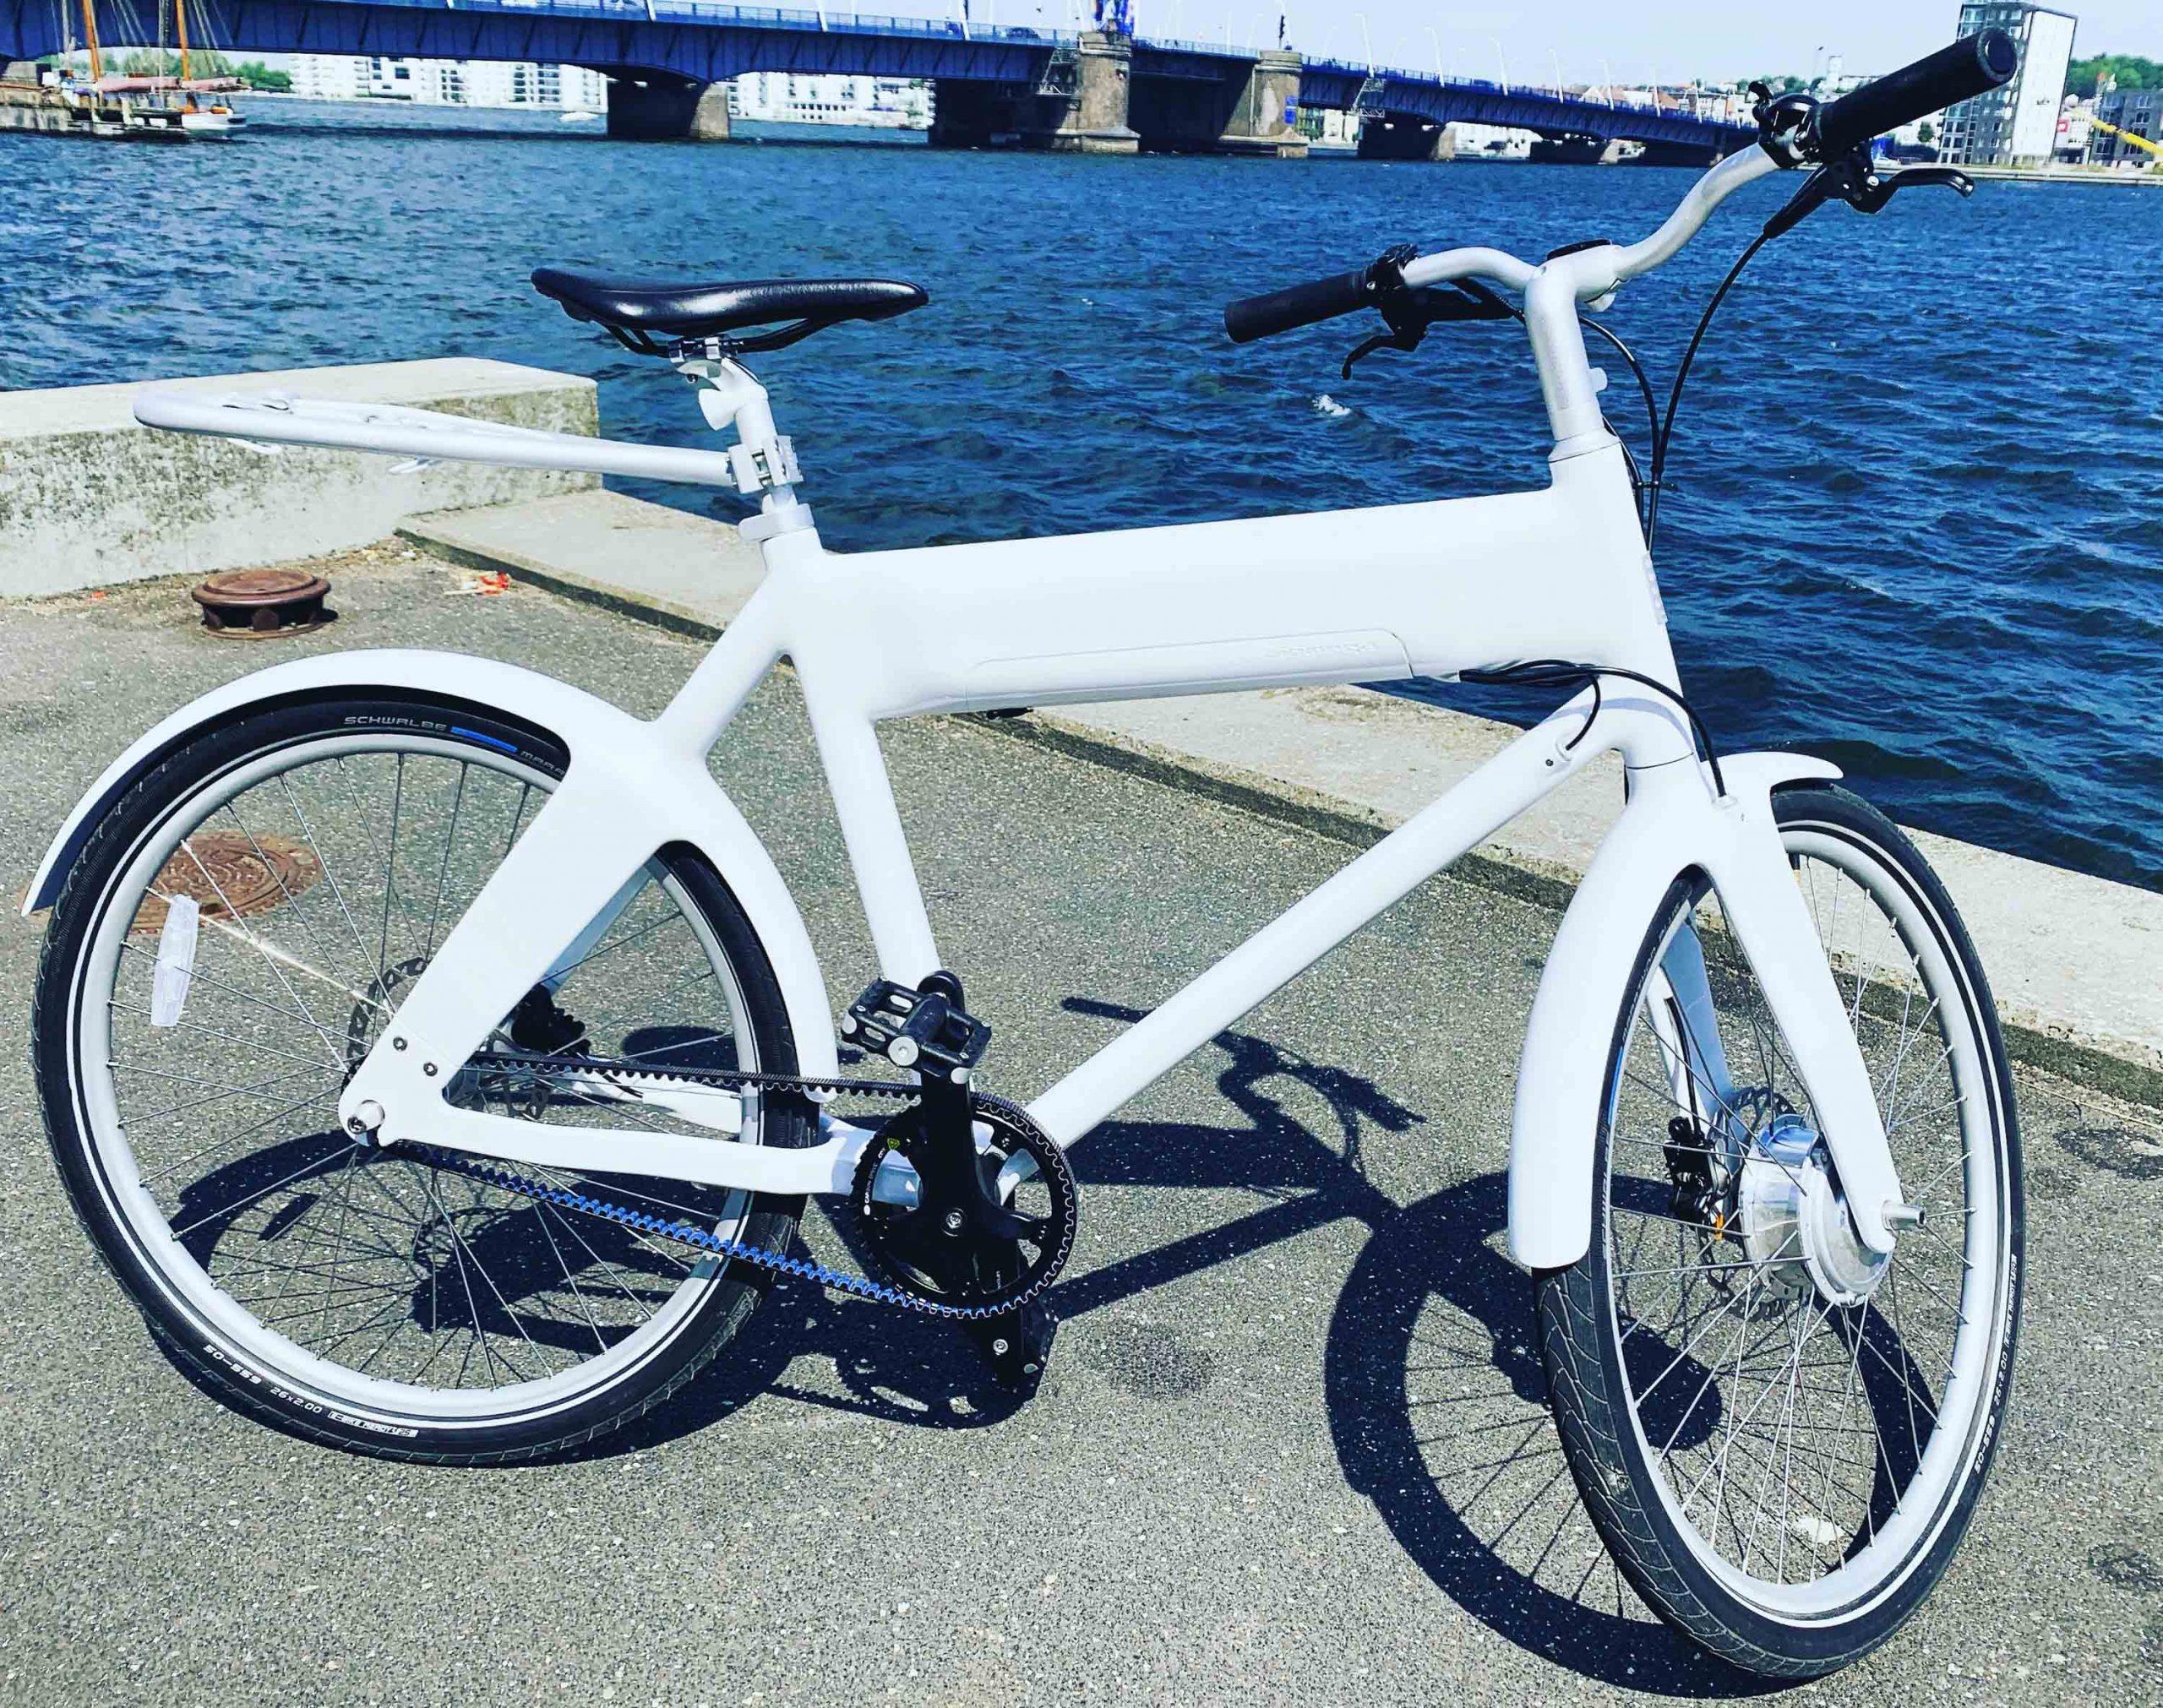 Helt nyt koncept rammer Aarhus: Nu kan du få megafede el-cykler billigt med JOOLL